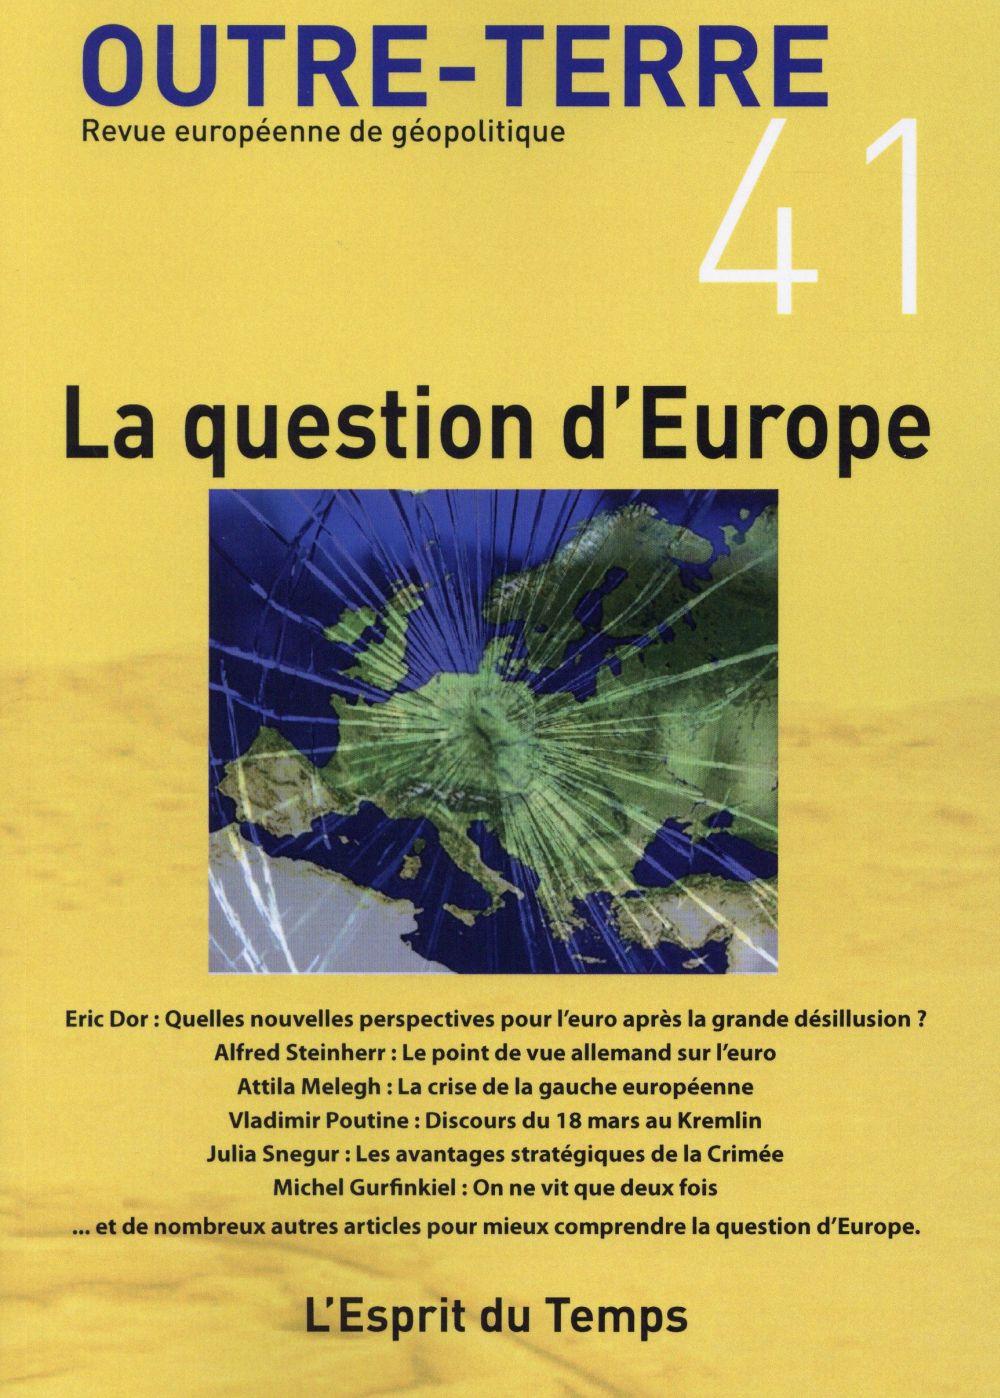 LA QUESTION D'EUROPE